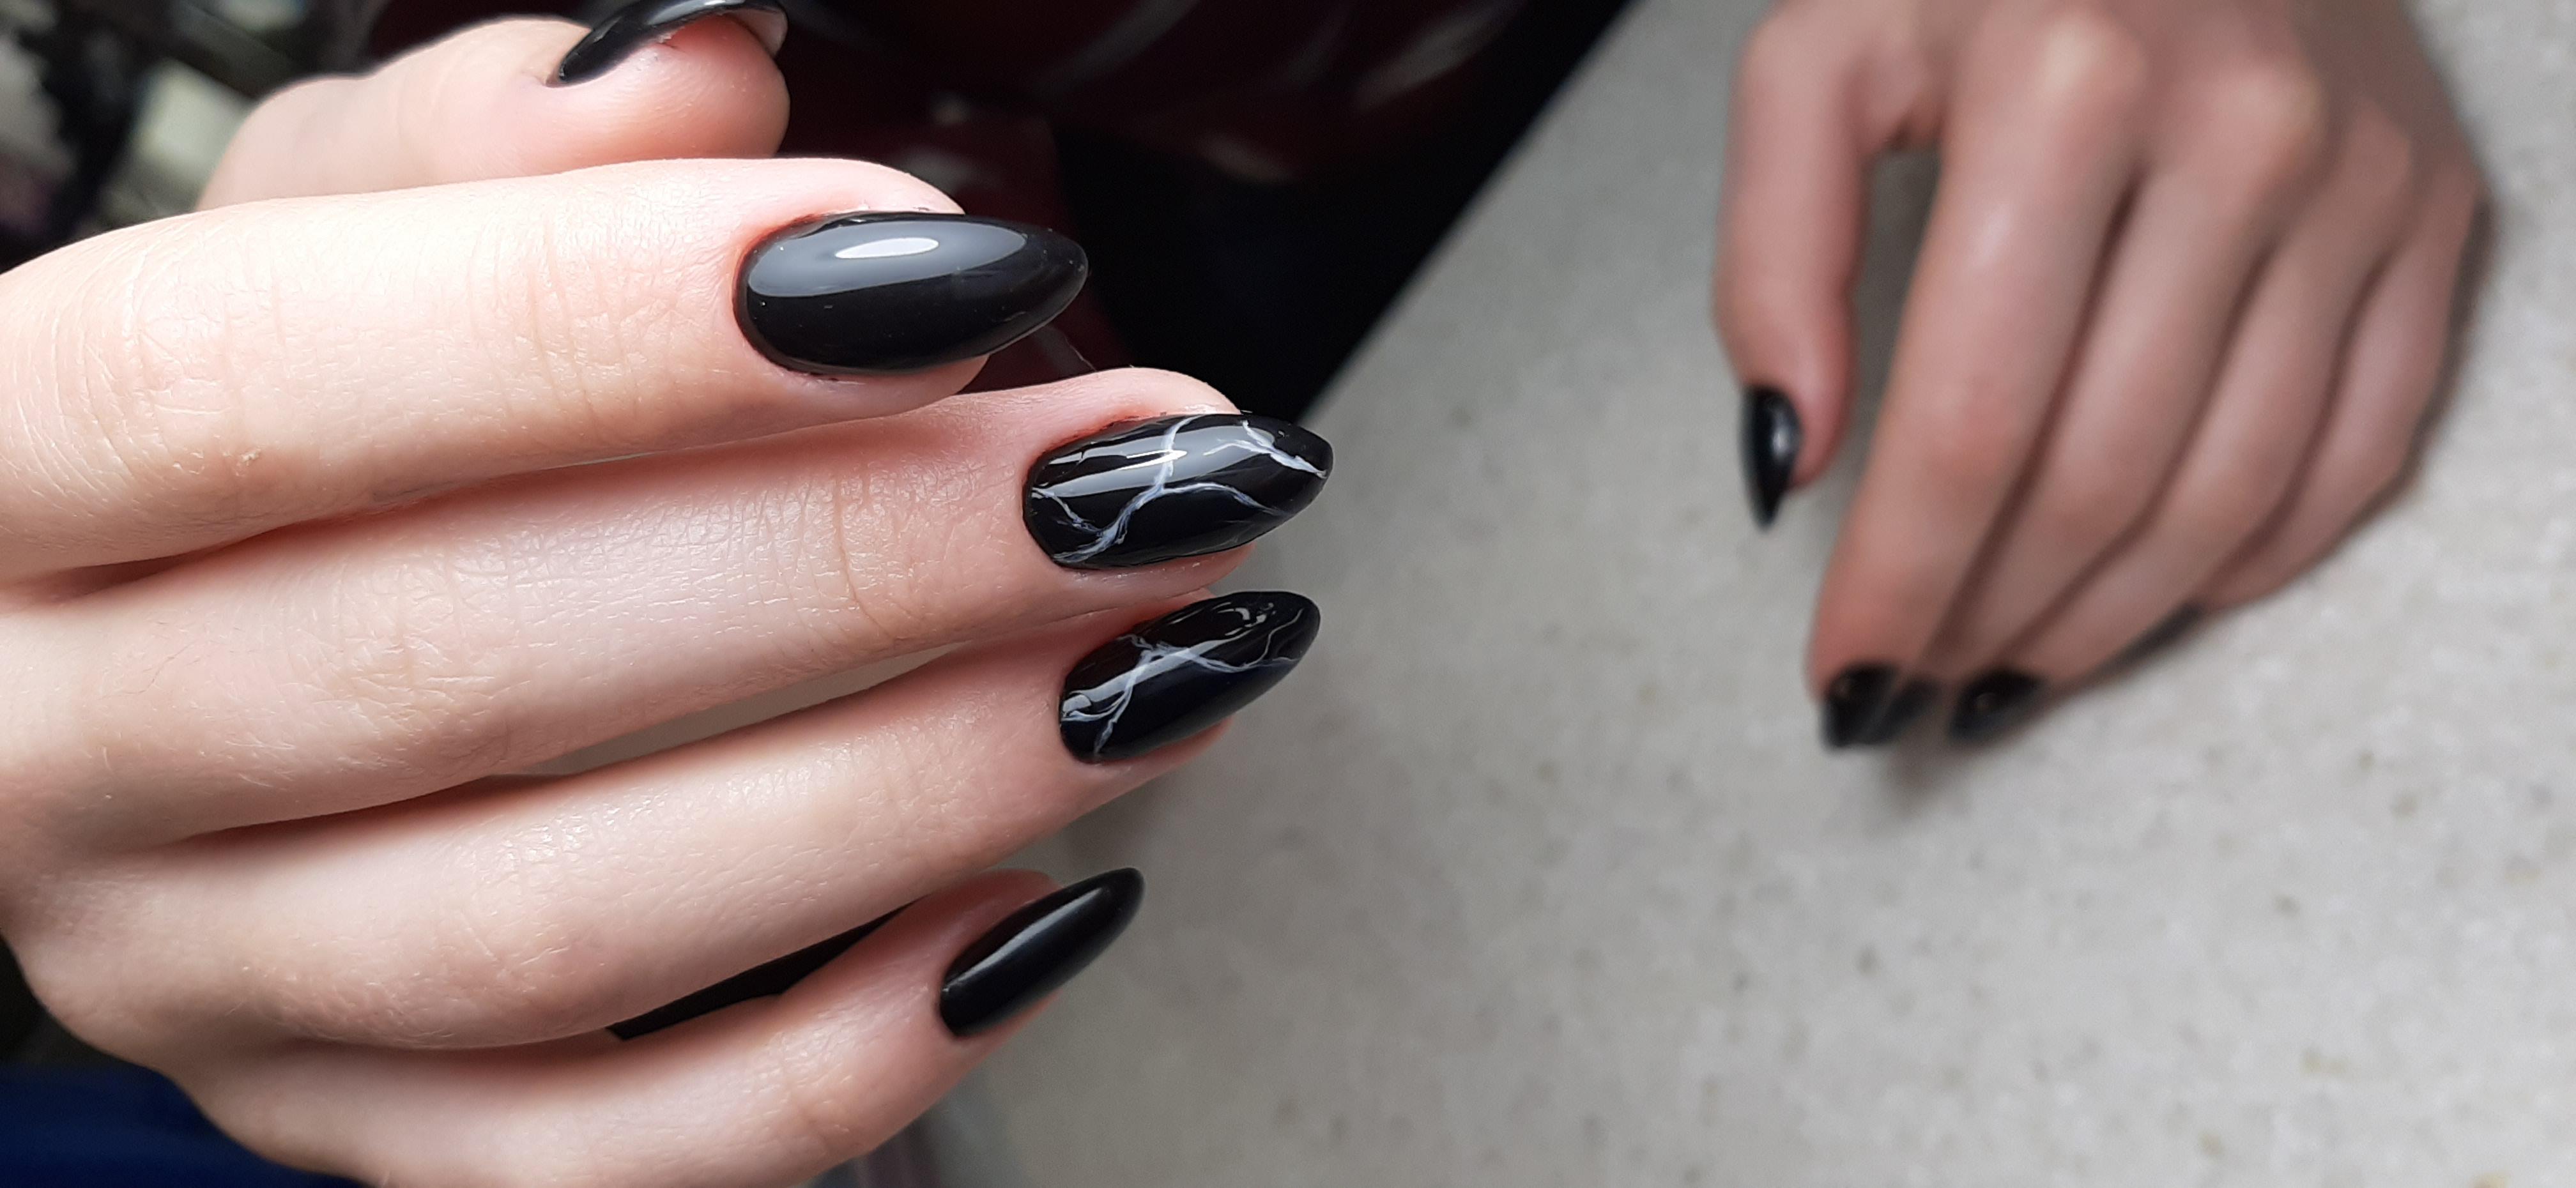 Маникюр в чёрном цвете с мраморным дизайном.